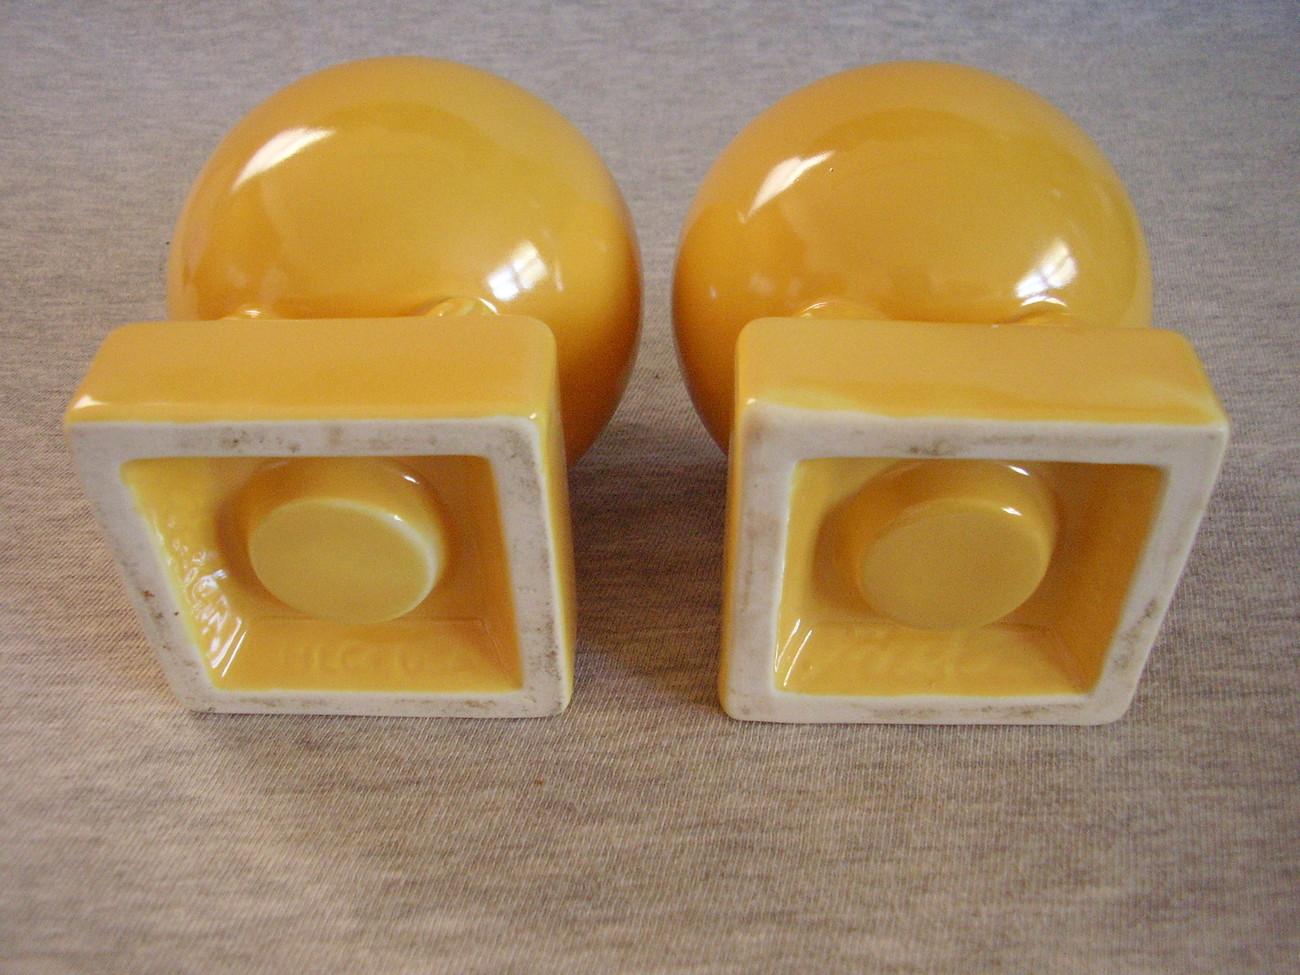 Vintage Fiesta Yellow Bulb Candle Holders Fiestaware